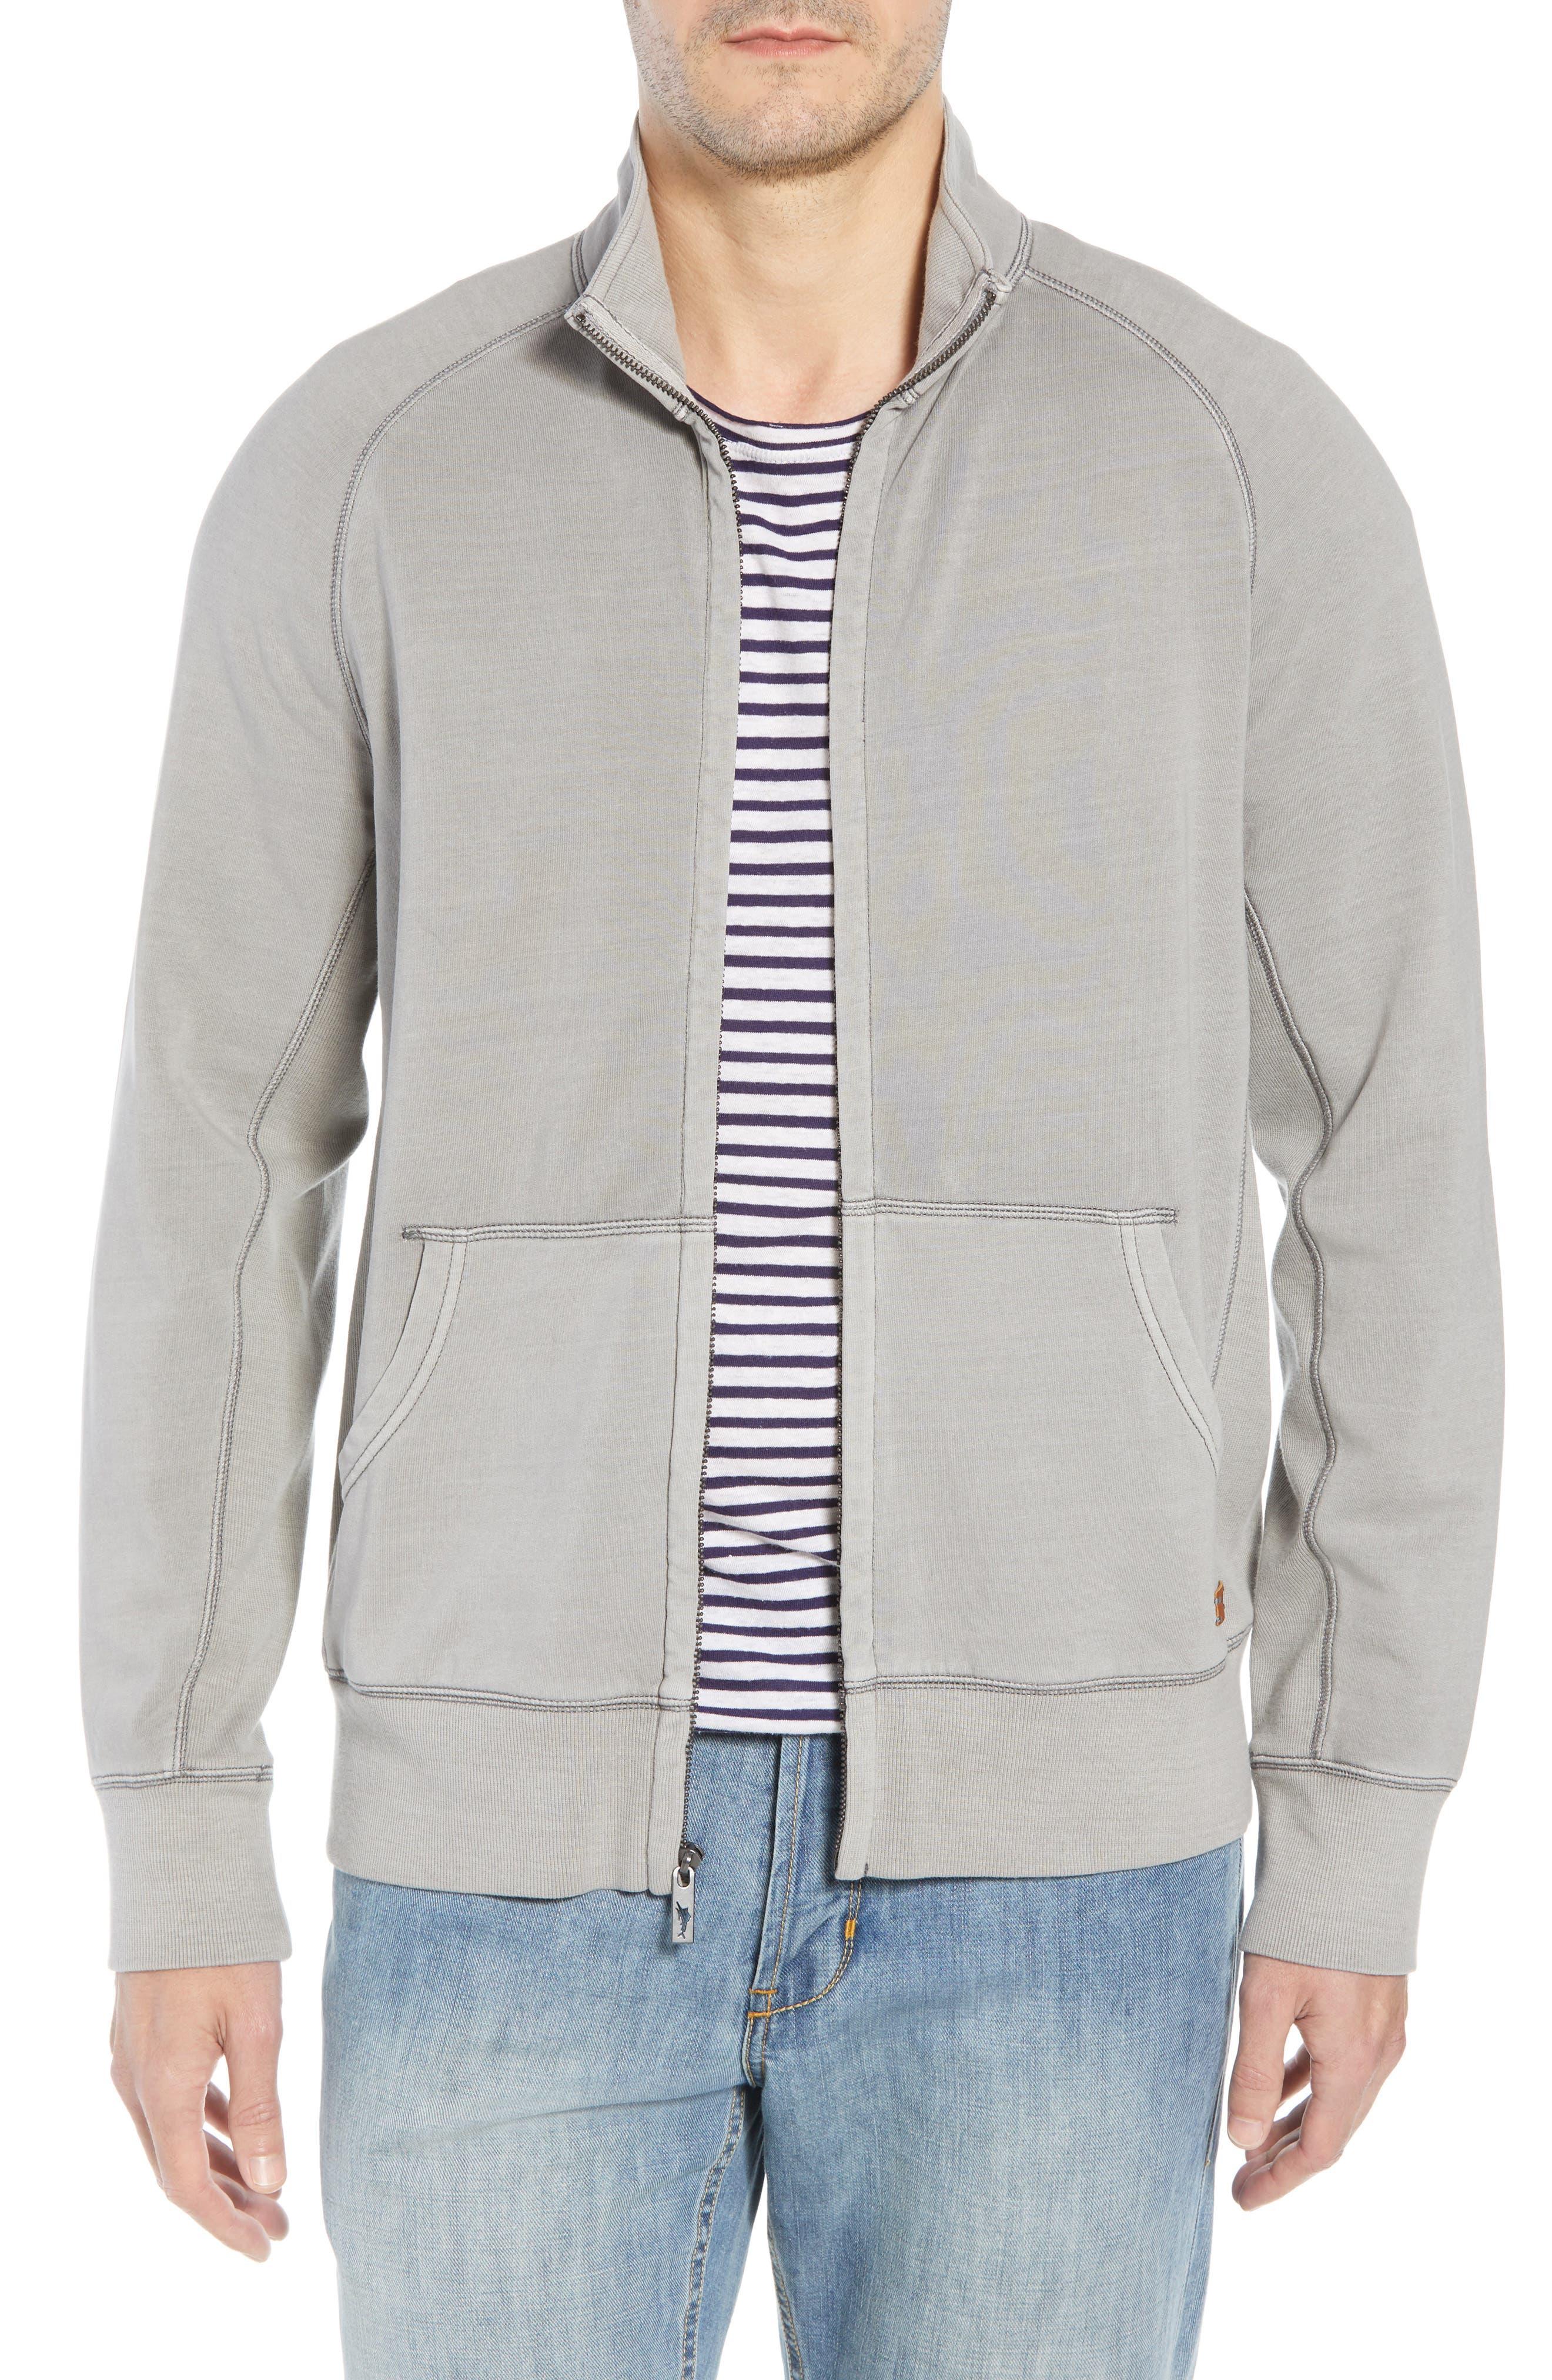 Coast Mock Neck Full Zip Sweatshirt,                         Main,                         color, TYPE WRITER